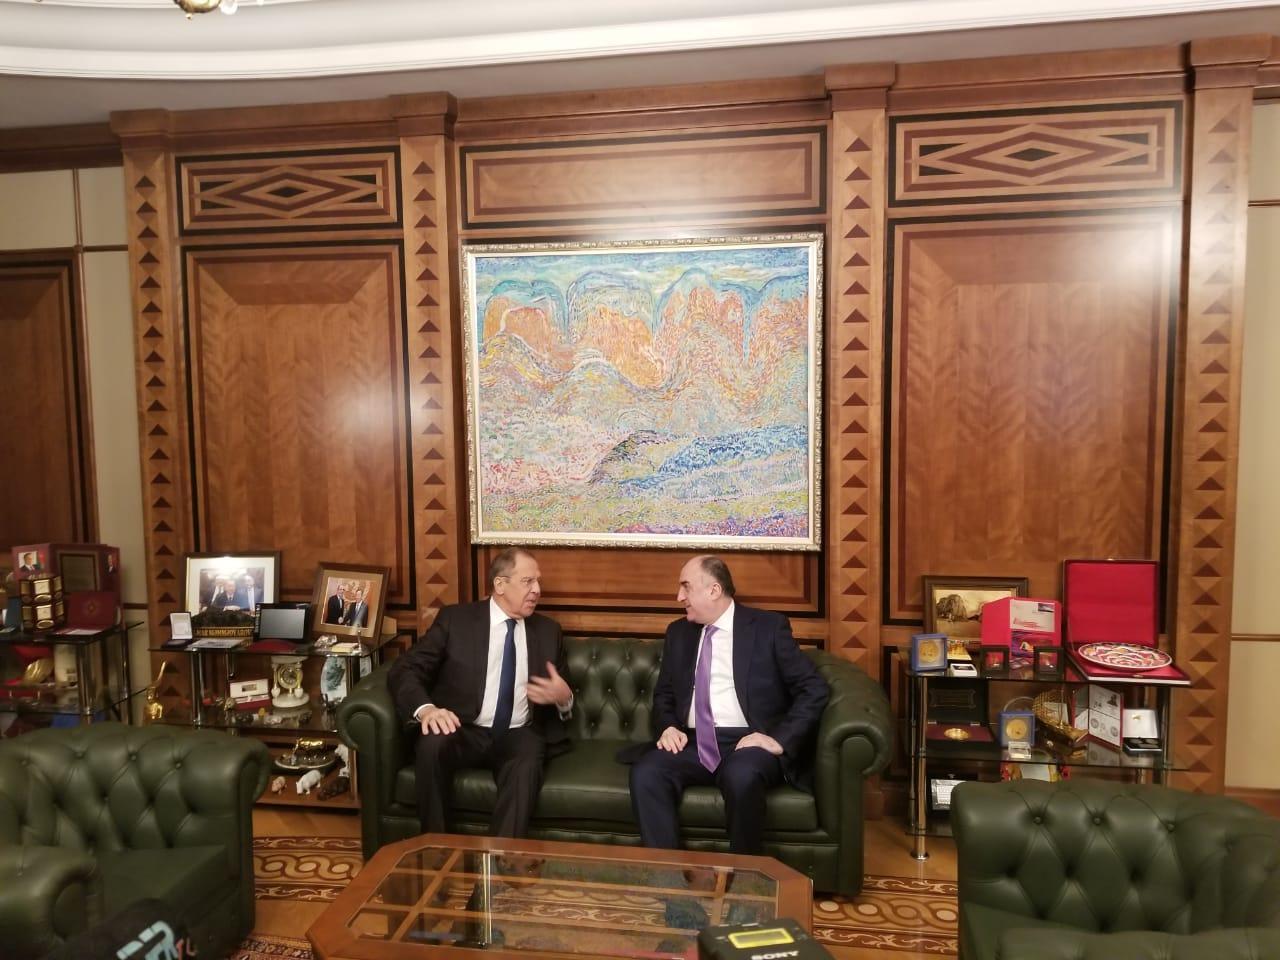 МИД Азербайджана раскрыл детали встречи Эльмара Мамедъяров и Сергея Лаврова